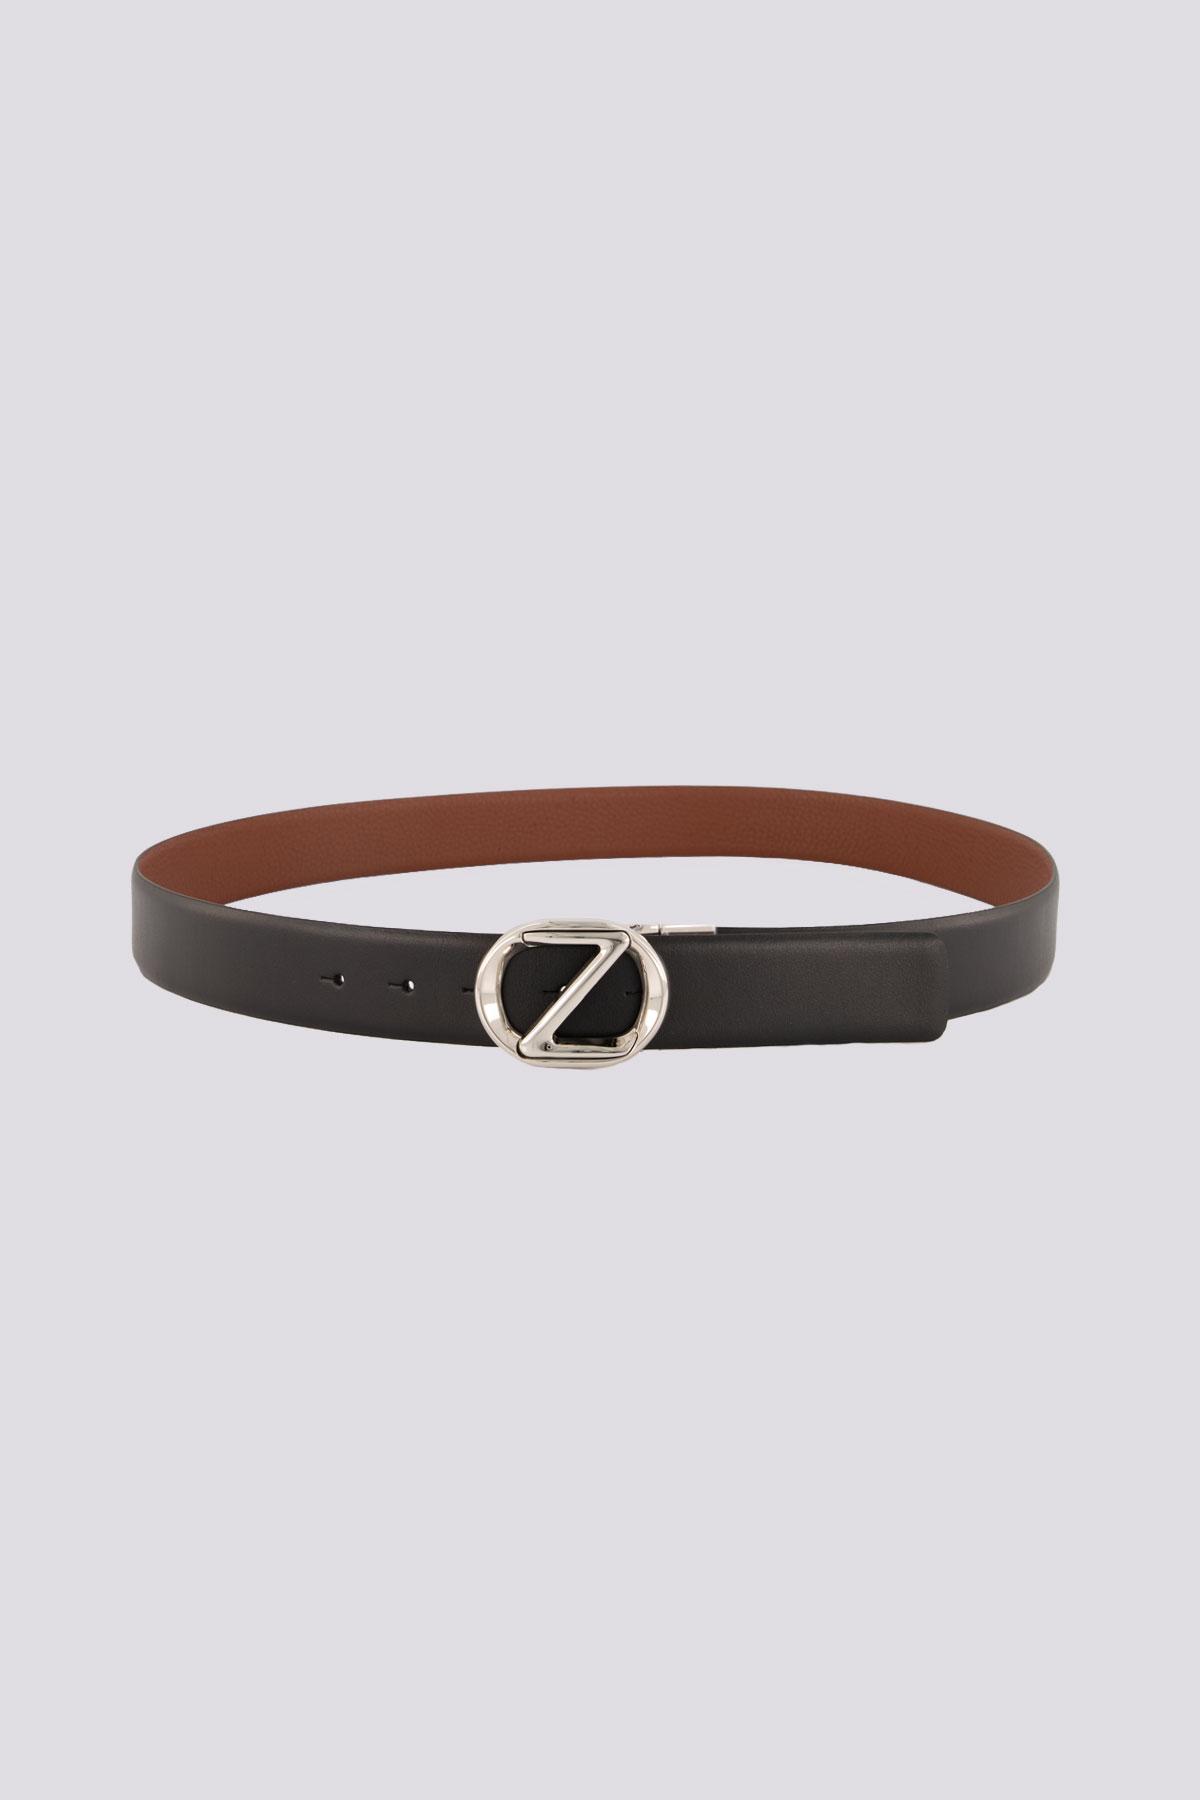 Cinturón de cuero negro y café marca ZZegna con hebilla de metal plateado.